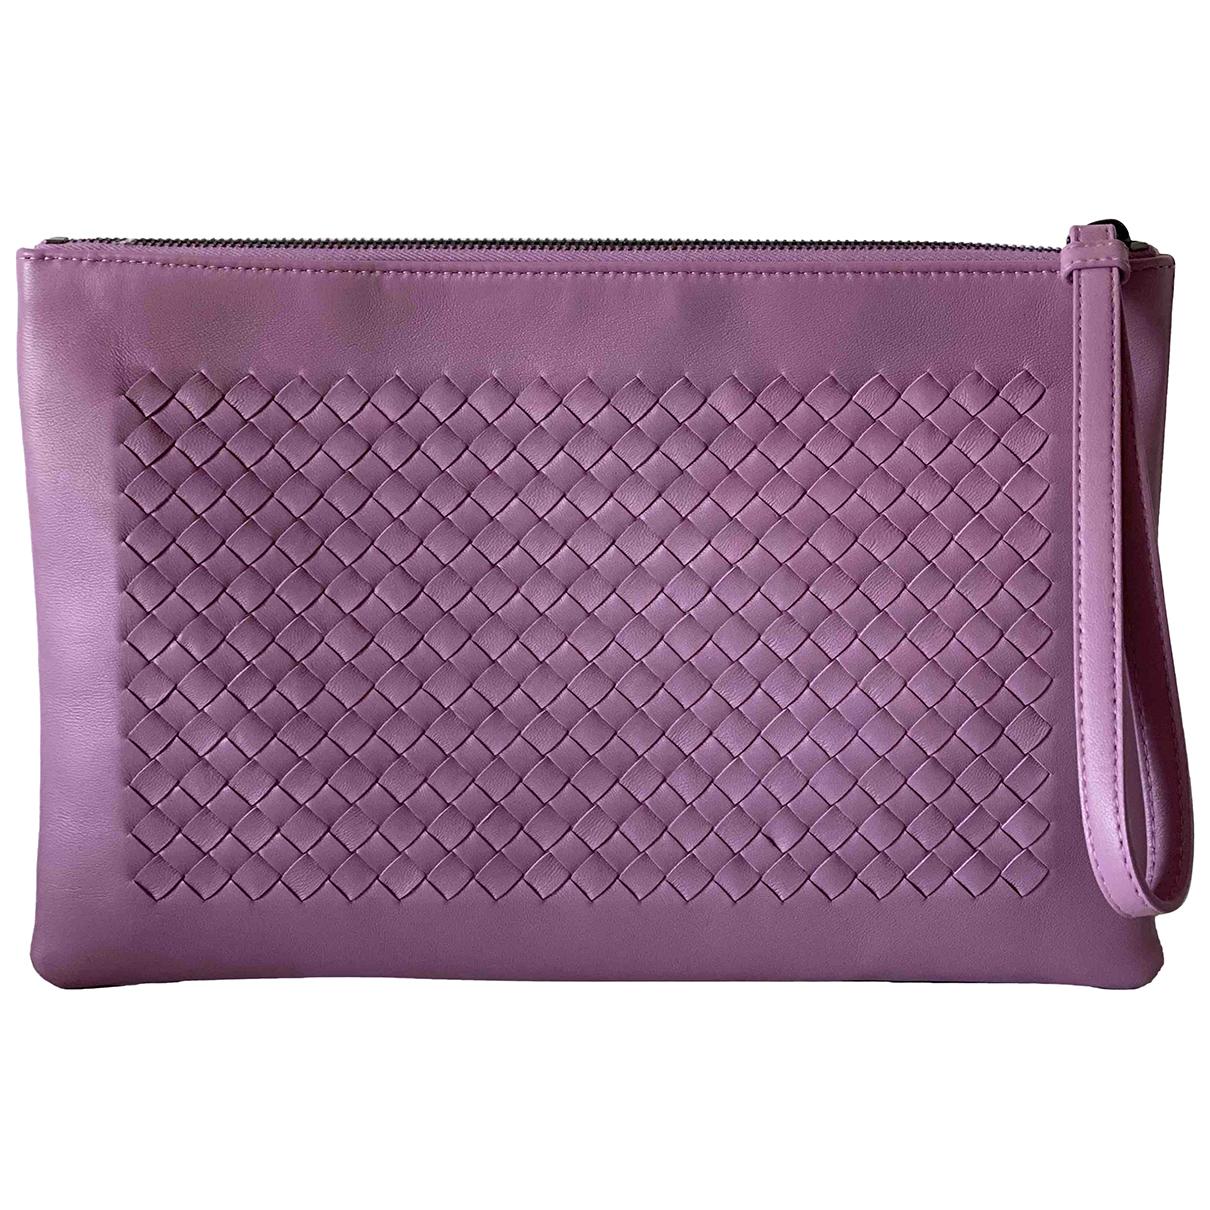 Bottega Veneta N Purple Leather Clutch bag for Women N